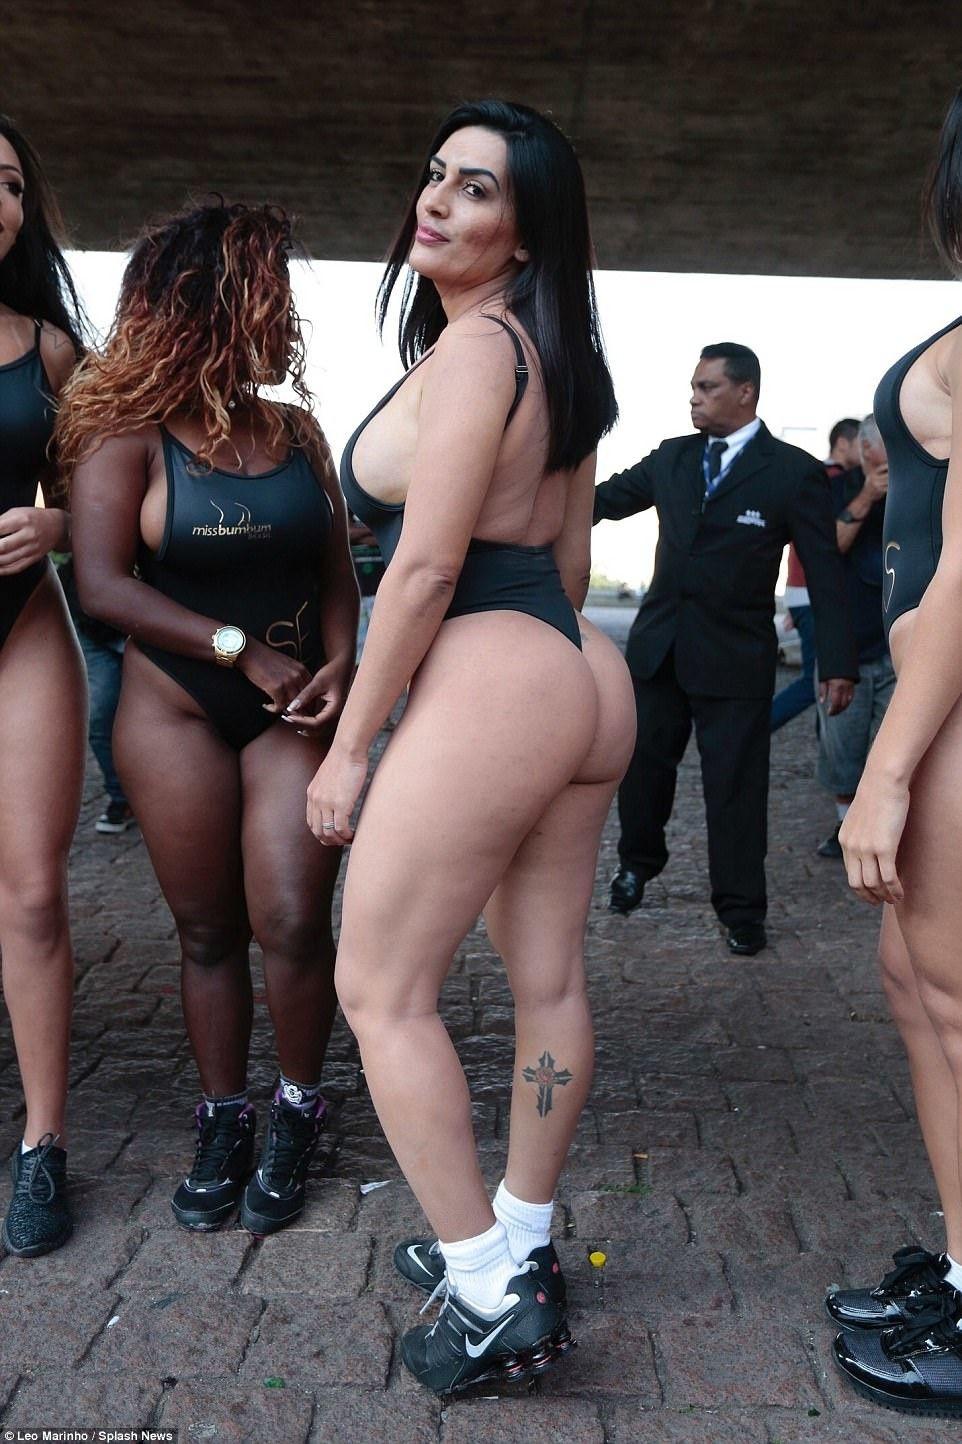 Горячие бразилбянки